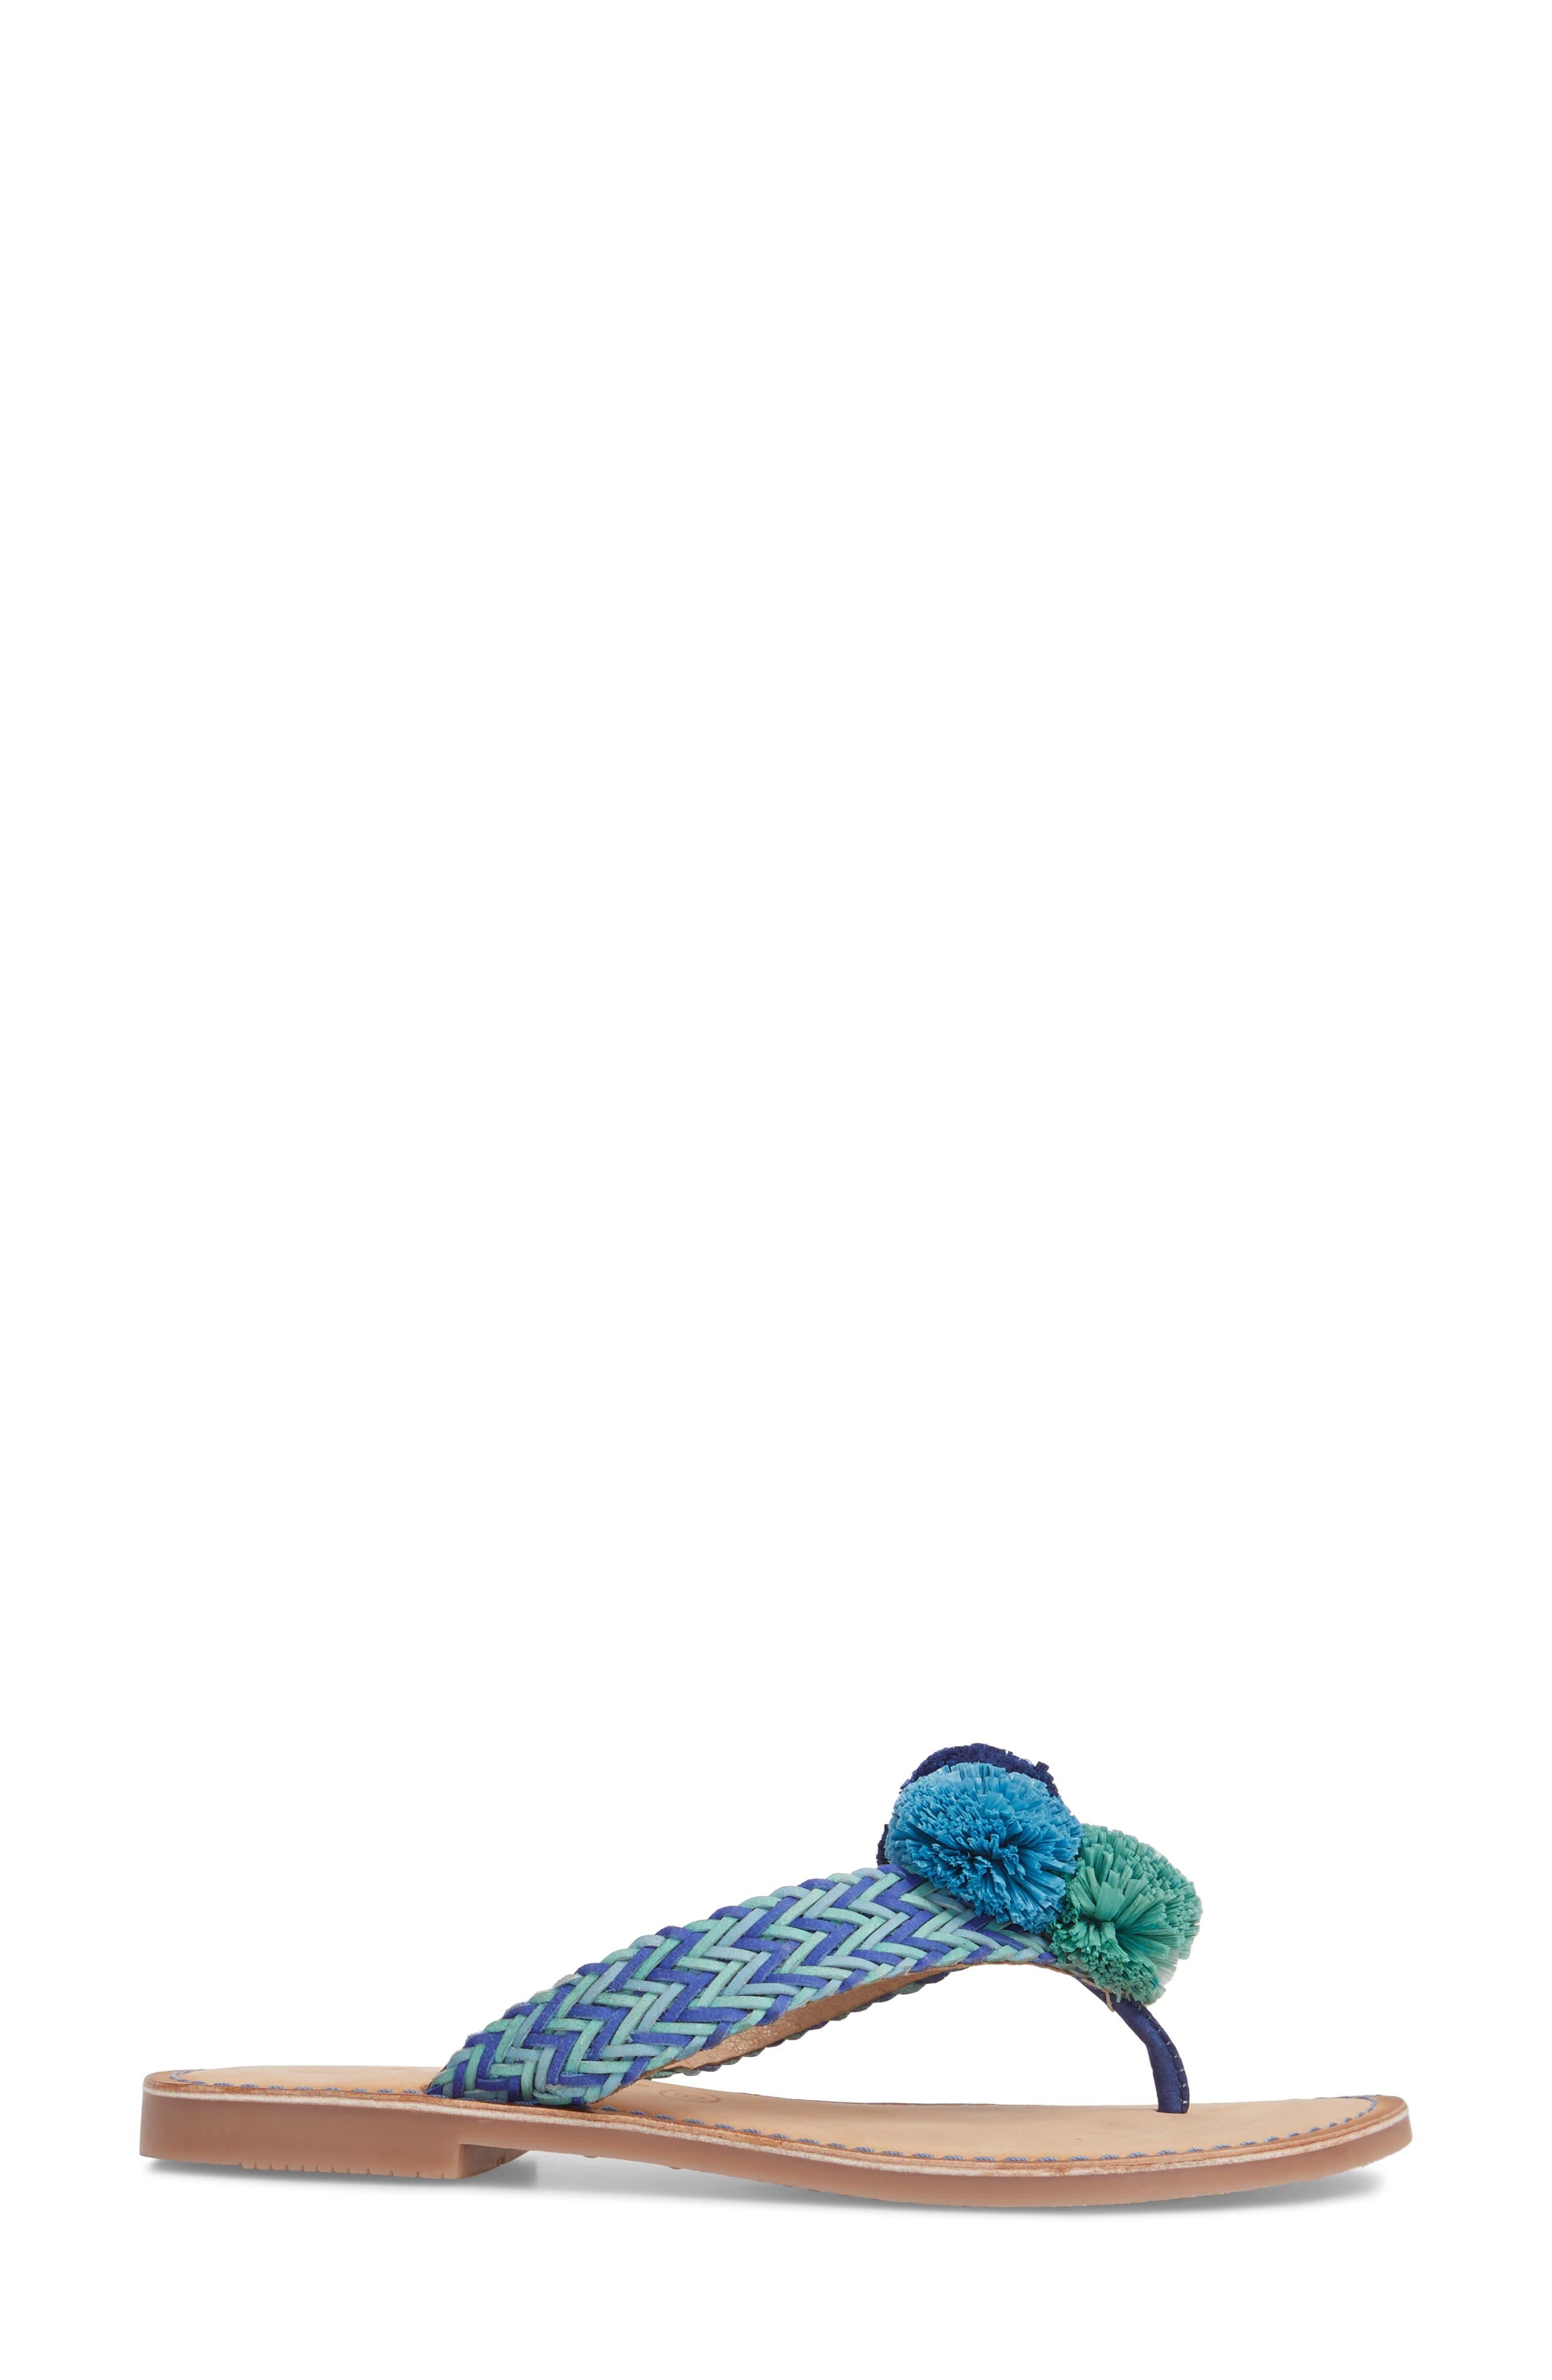 Pomm Flip Flop,                             Alternate thumbnail 3, color,                             429